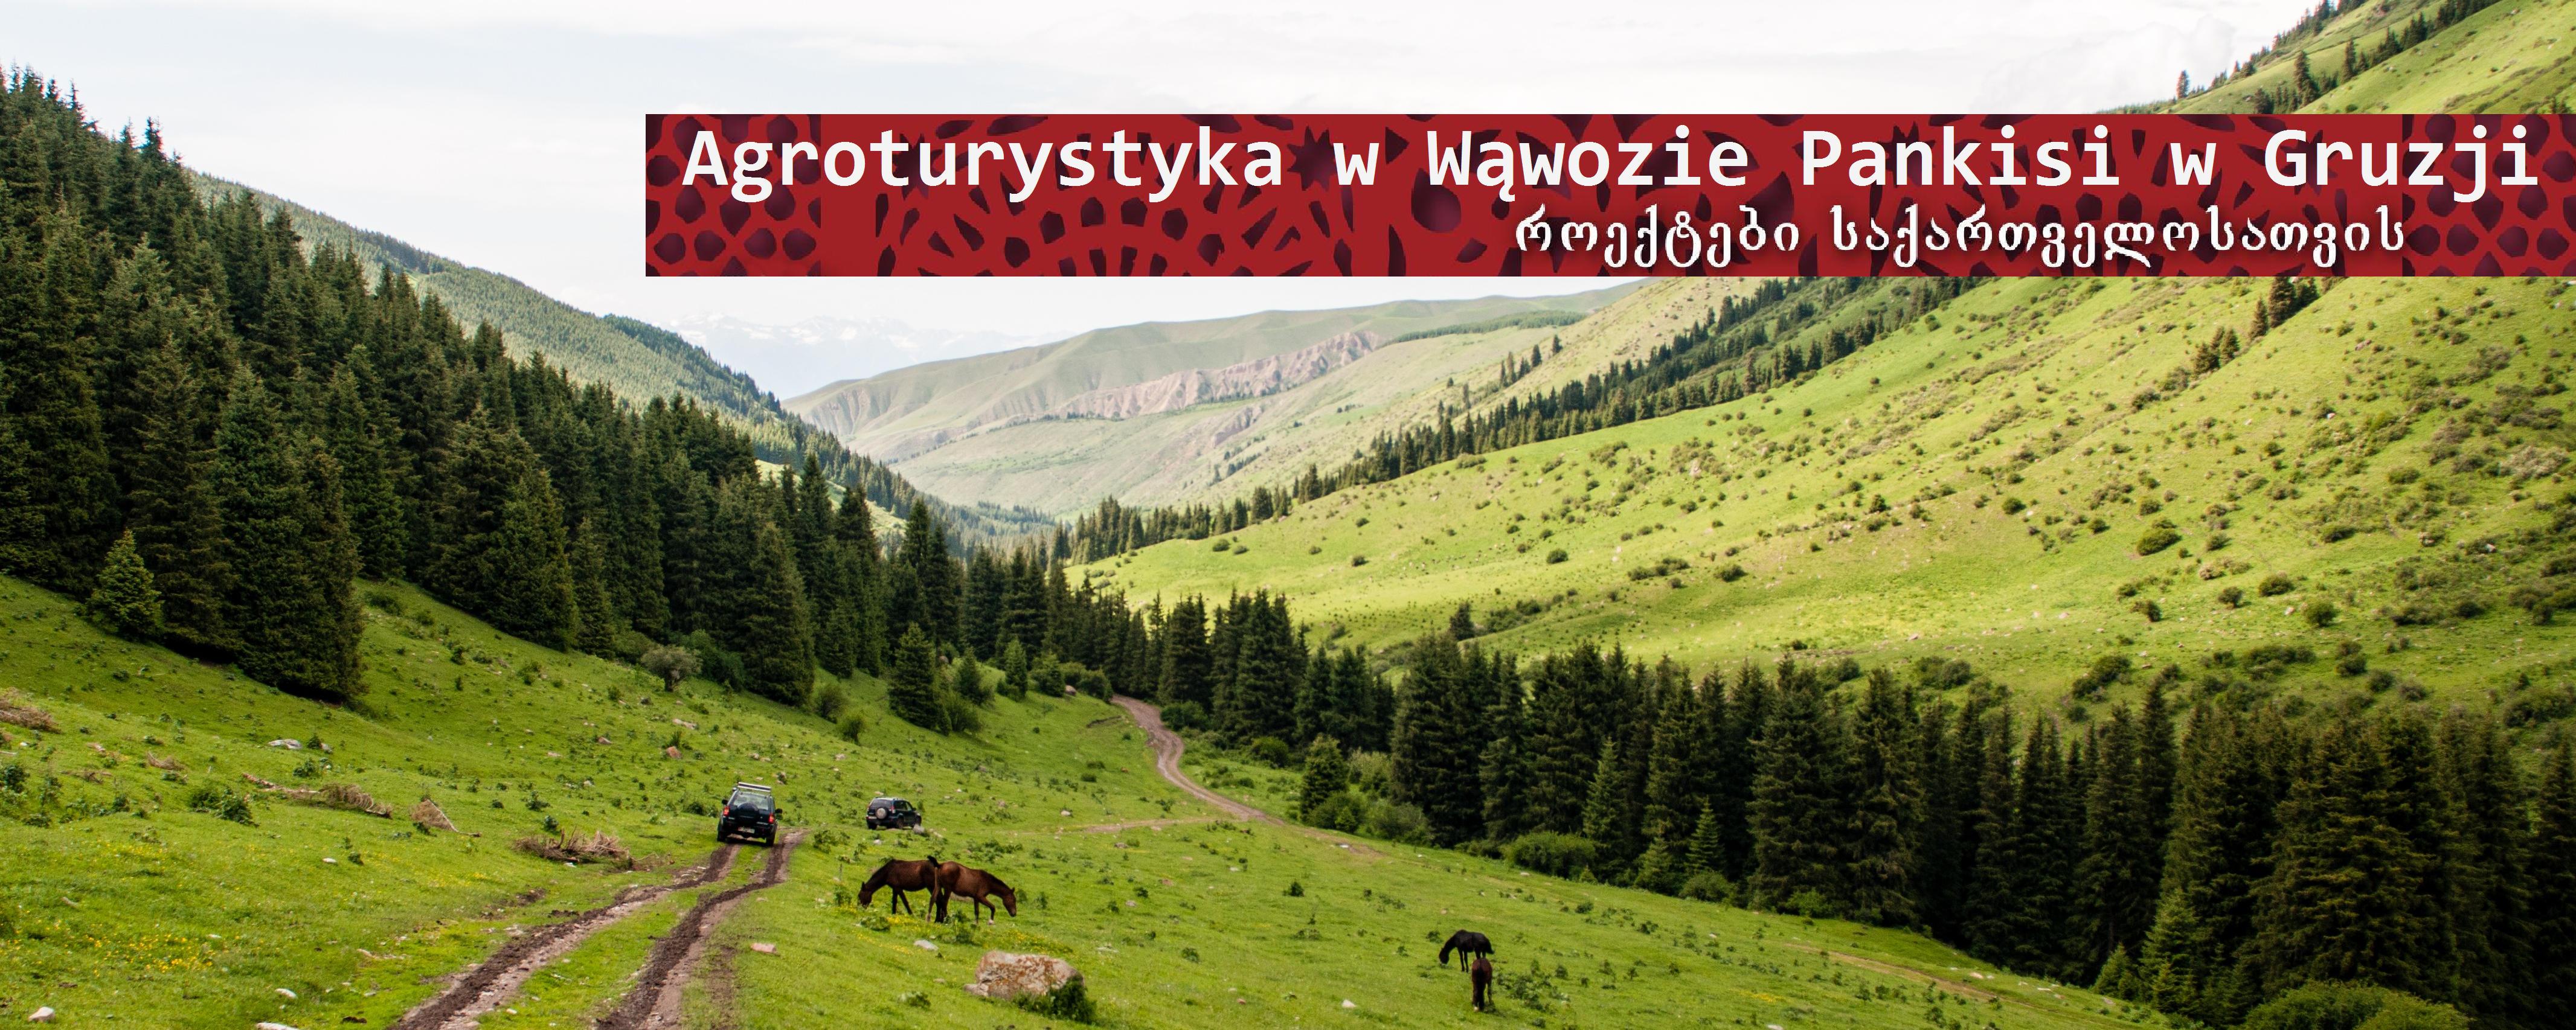 Agroturystyka irozwój społeczności lokalnej wPankisi